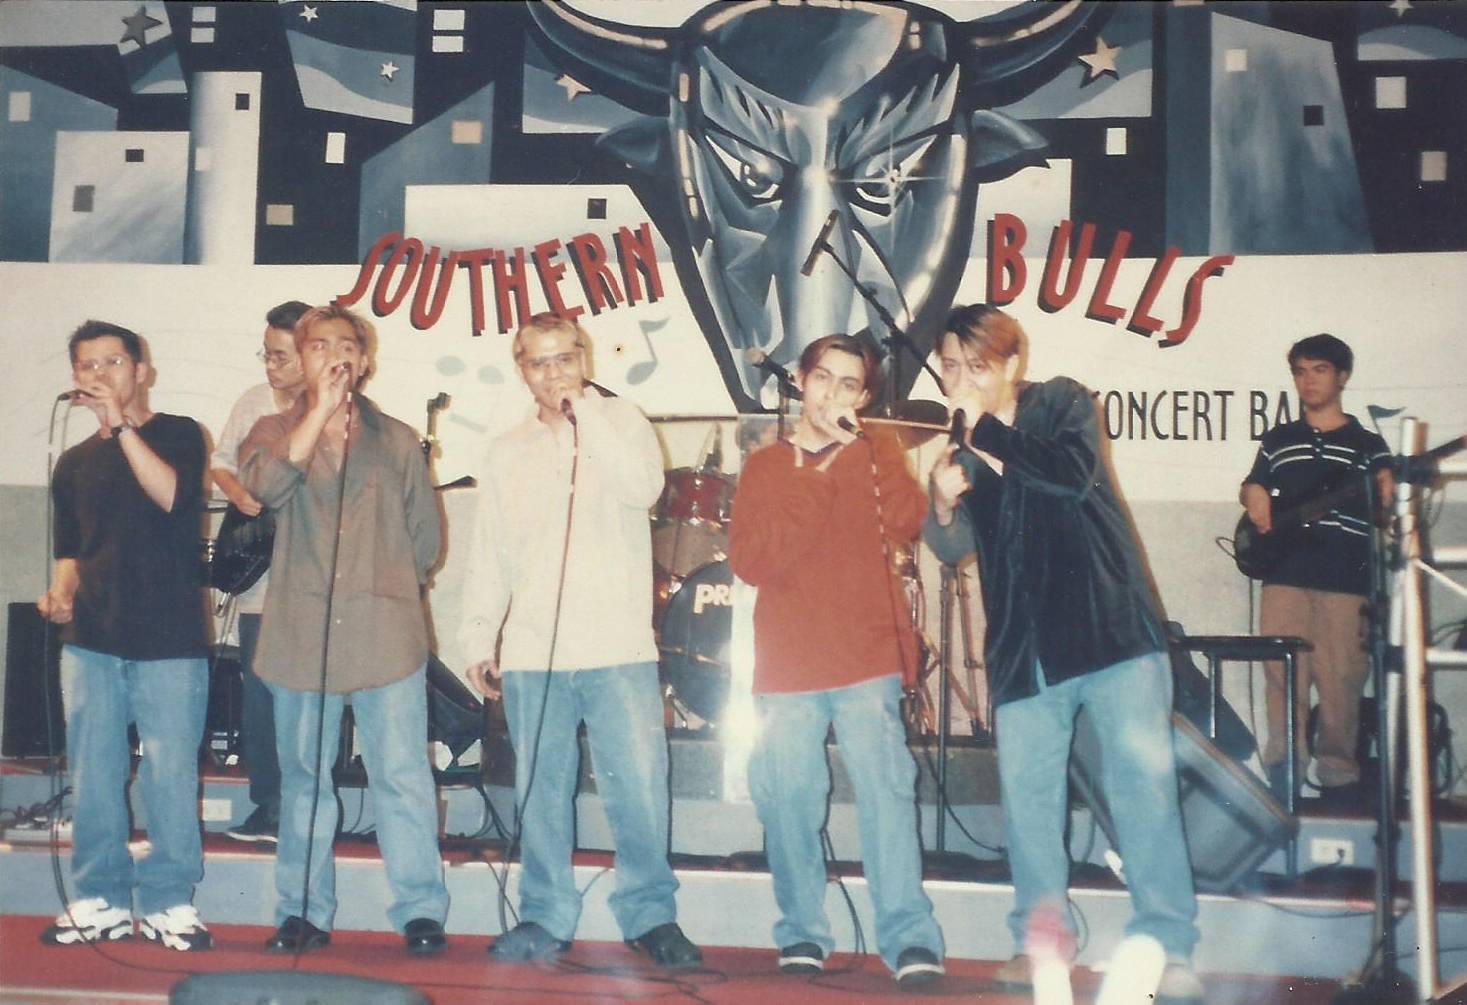 Southern Bulls, QC